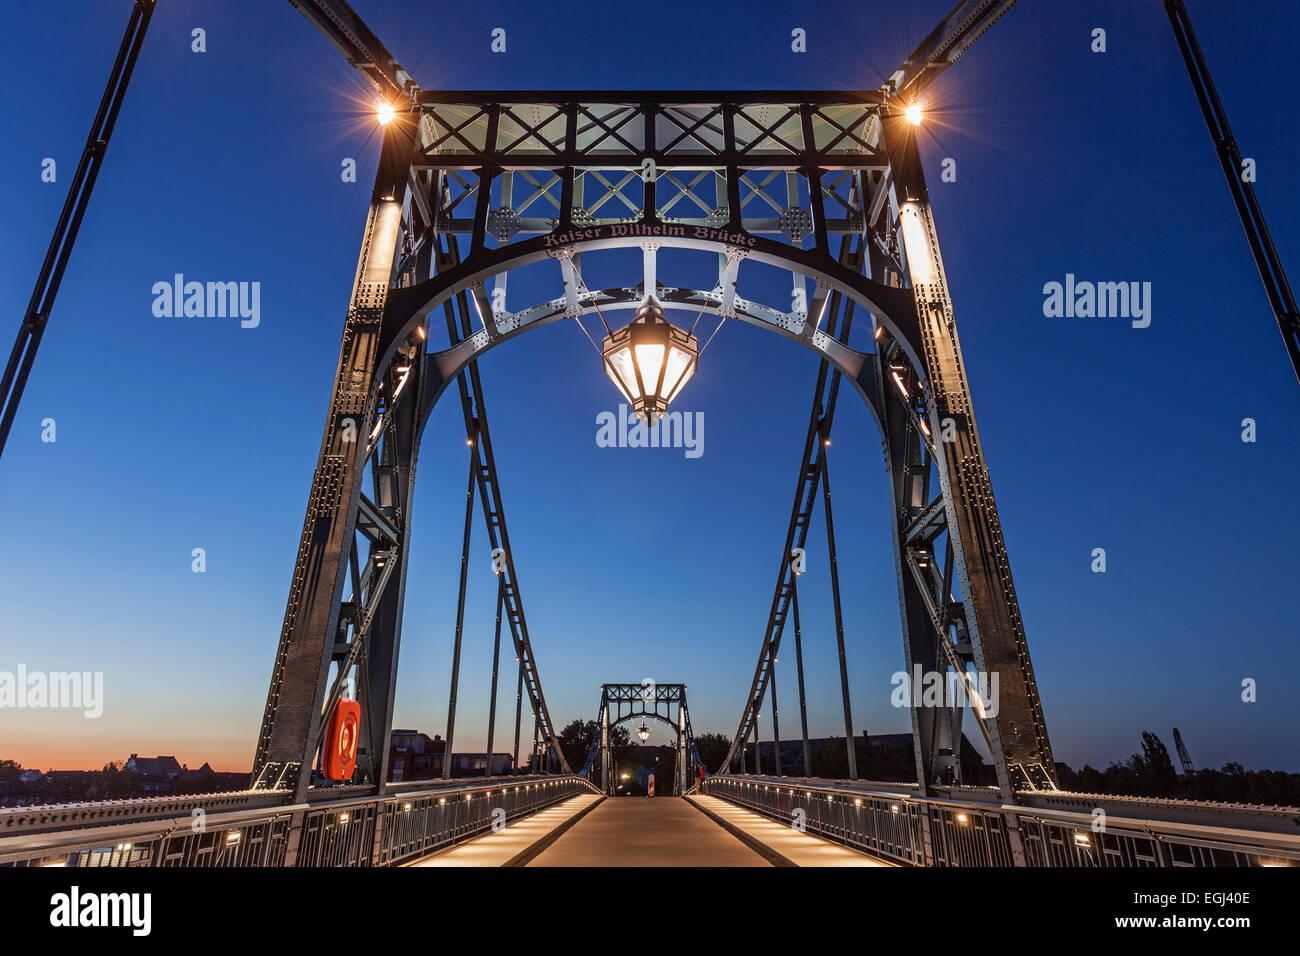 Werden, Auf der Kaiser-Wilhelm-Brücke, Wilhelmshaven, Niedersachsen, Deutschland, Europa, Stockbild